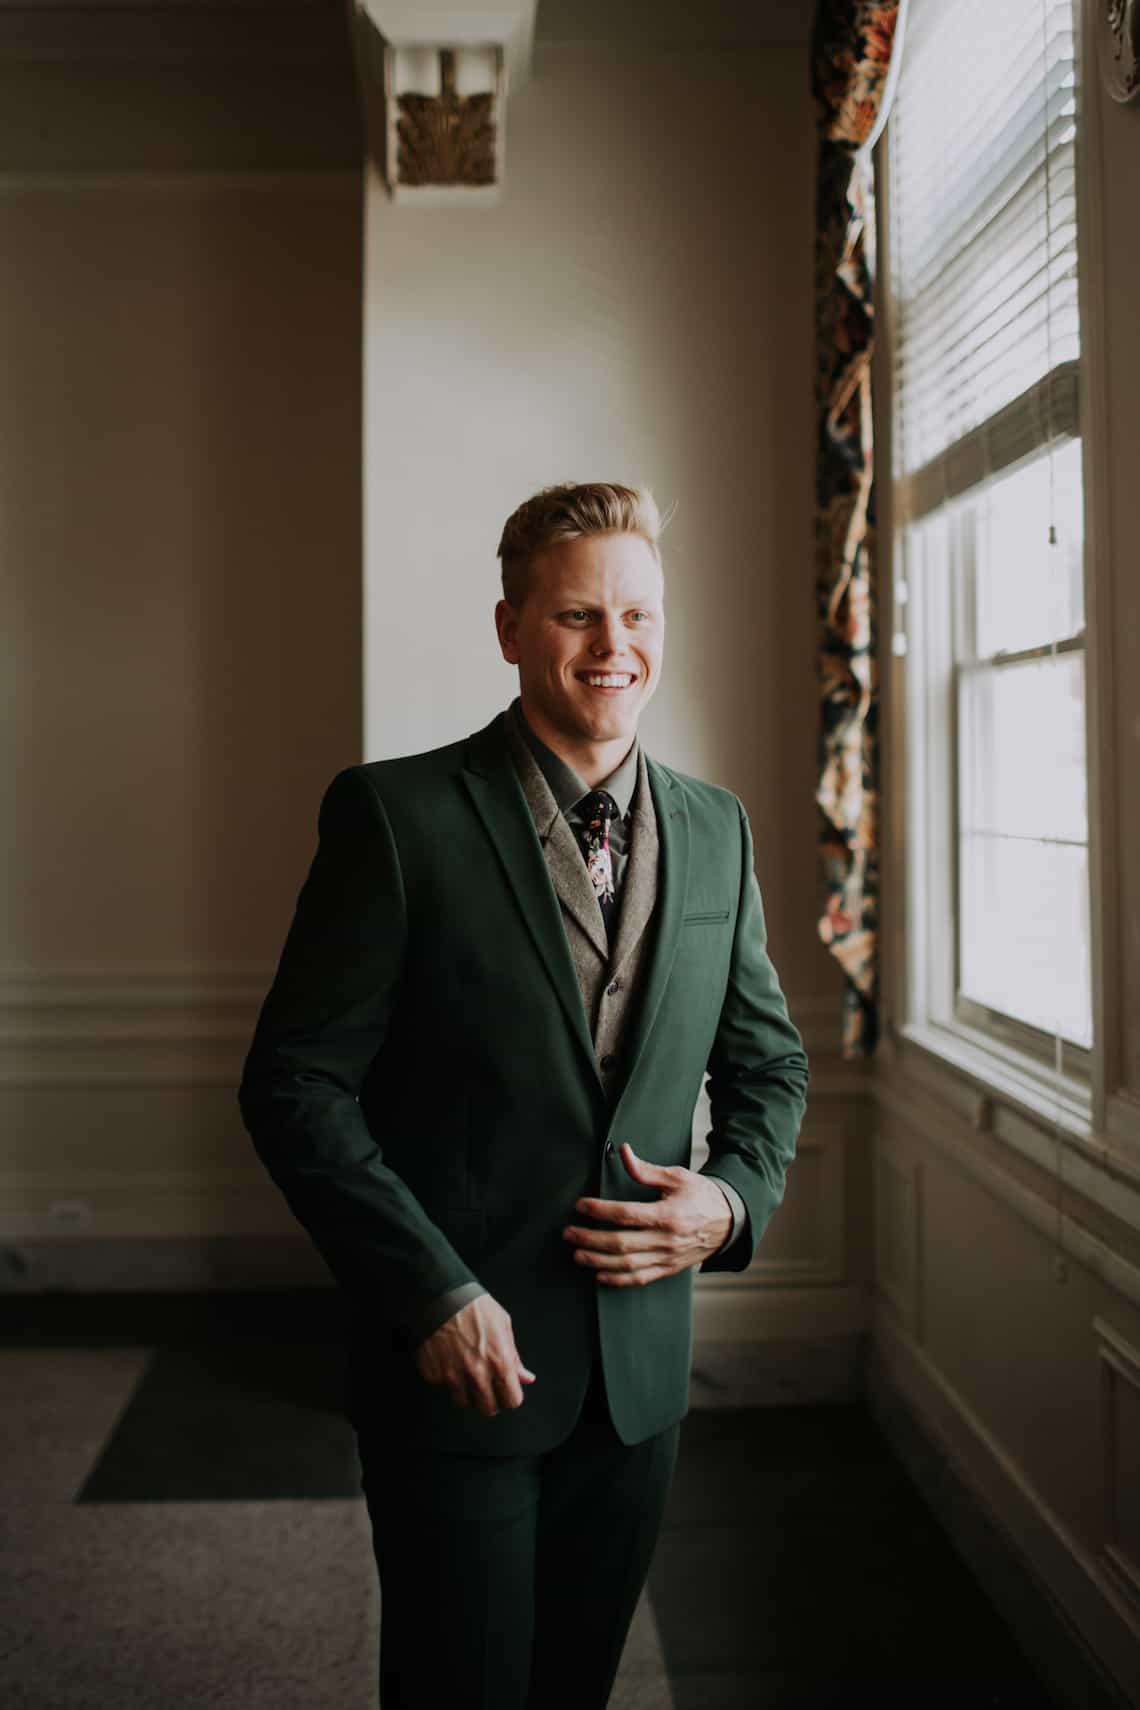 Groom in Emerald Green Suit